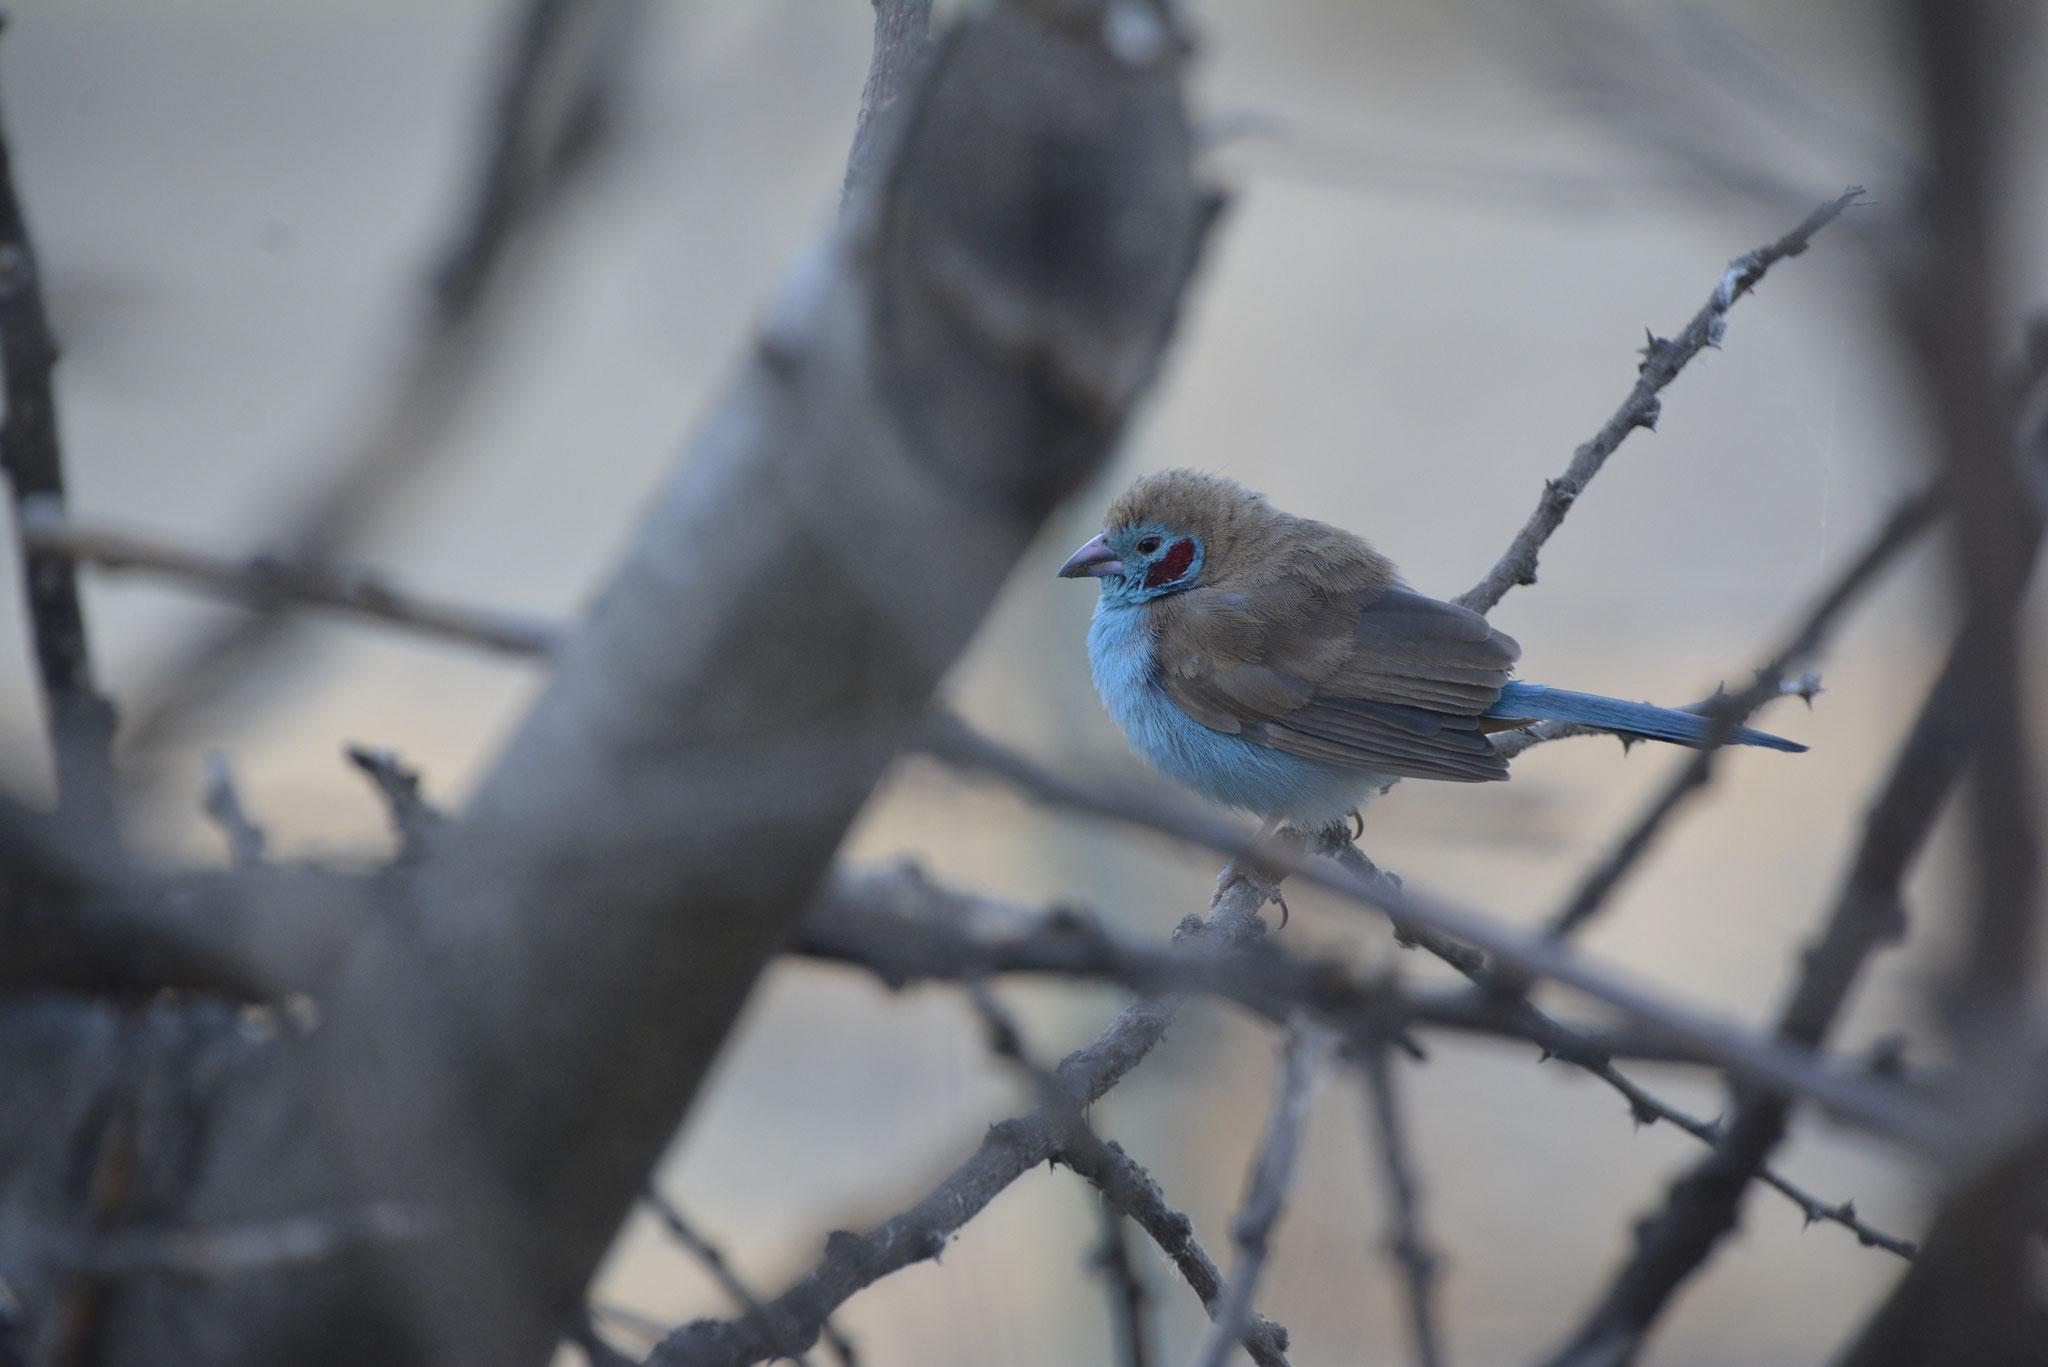 Der Cordon-Bleu Vogel.